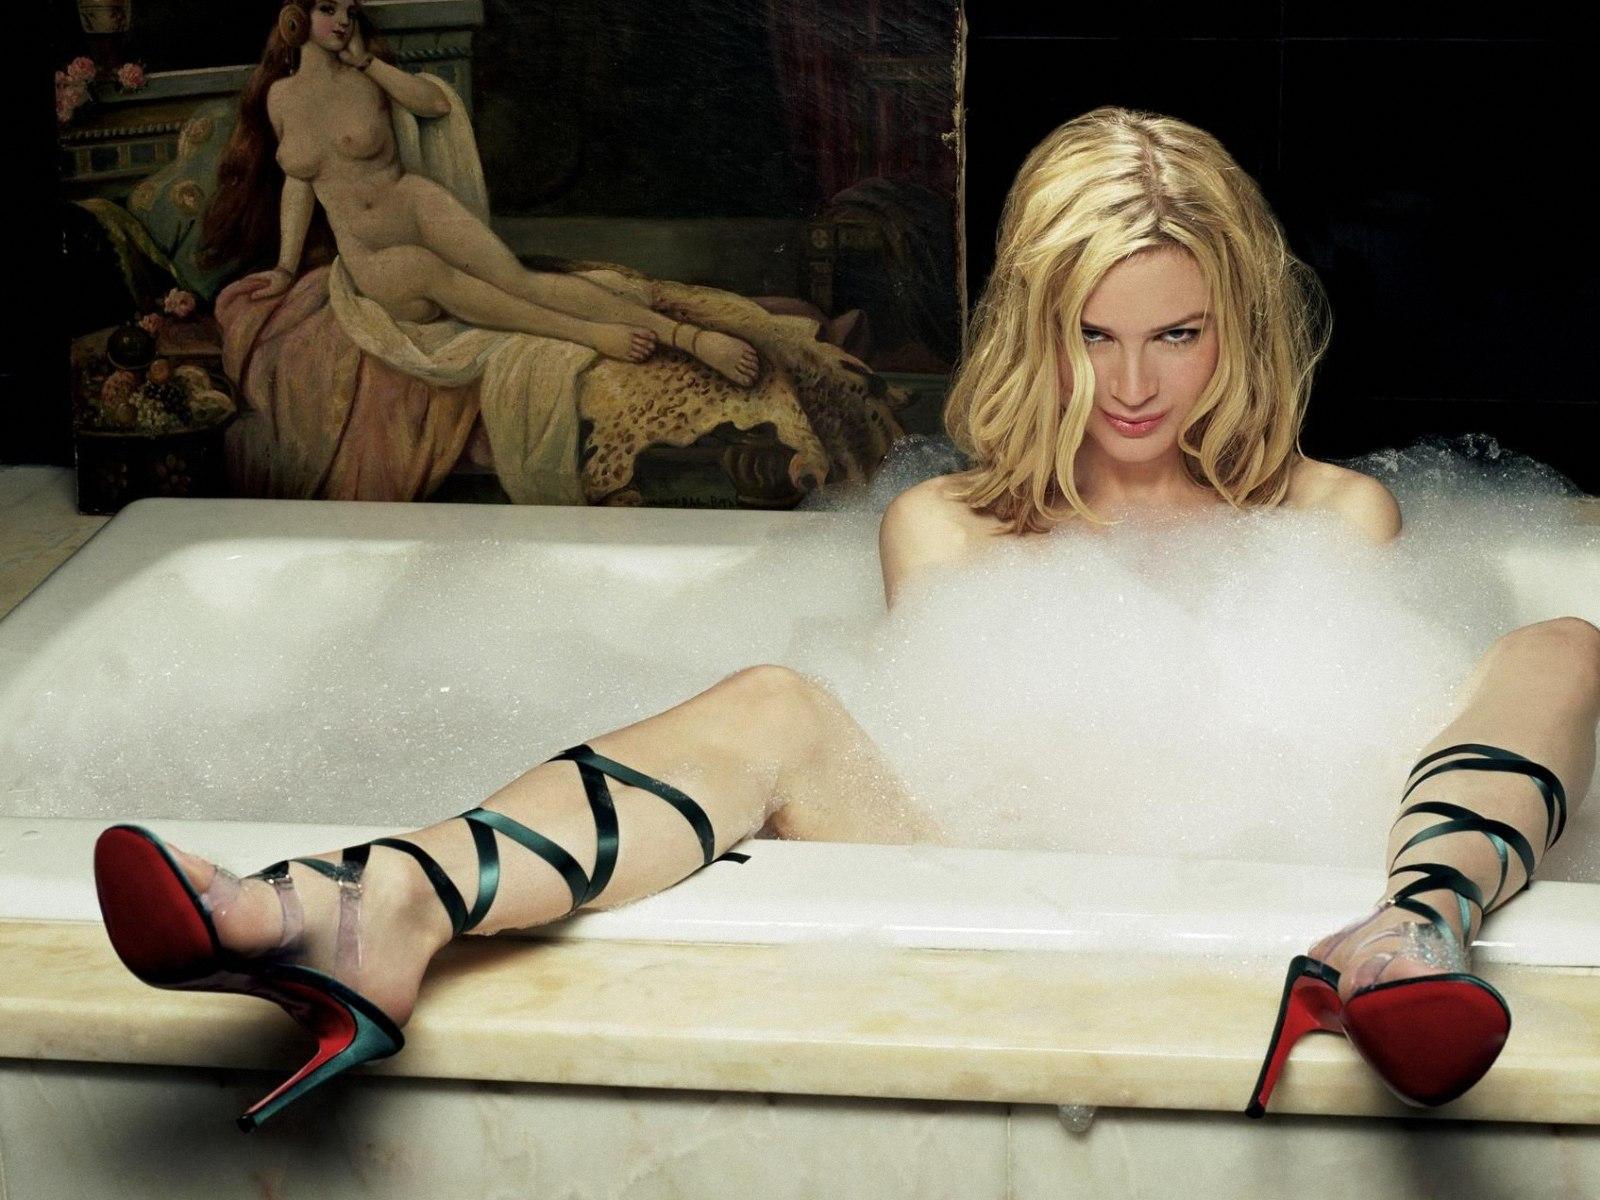 Las 10 actrices desnudas mejor pagadas! El blog de